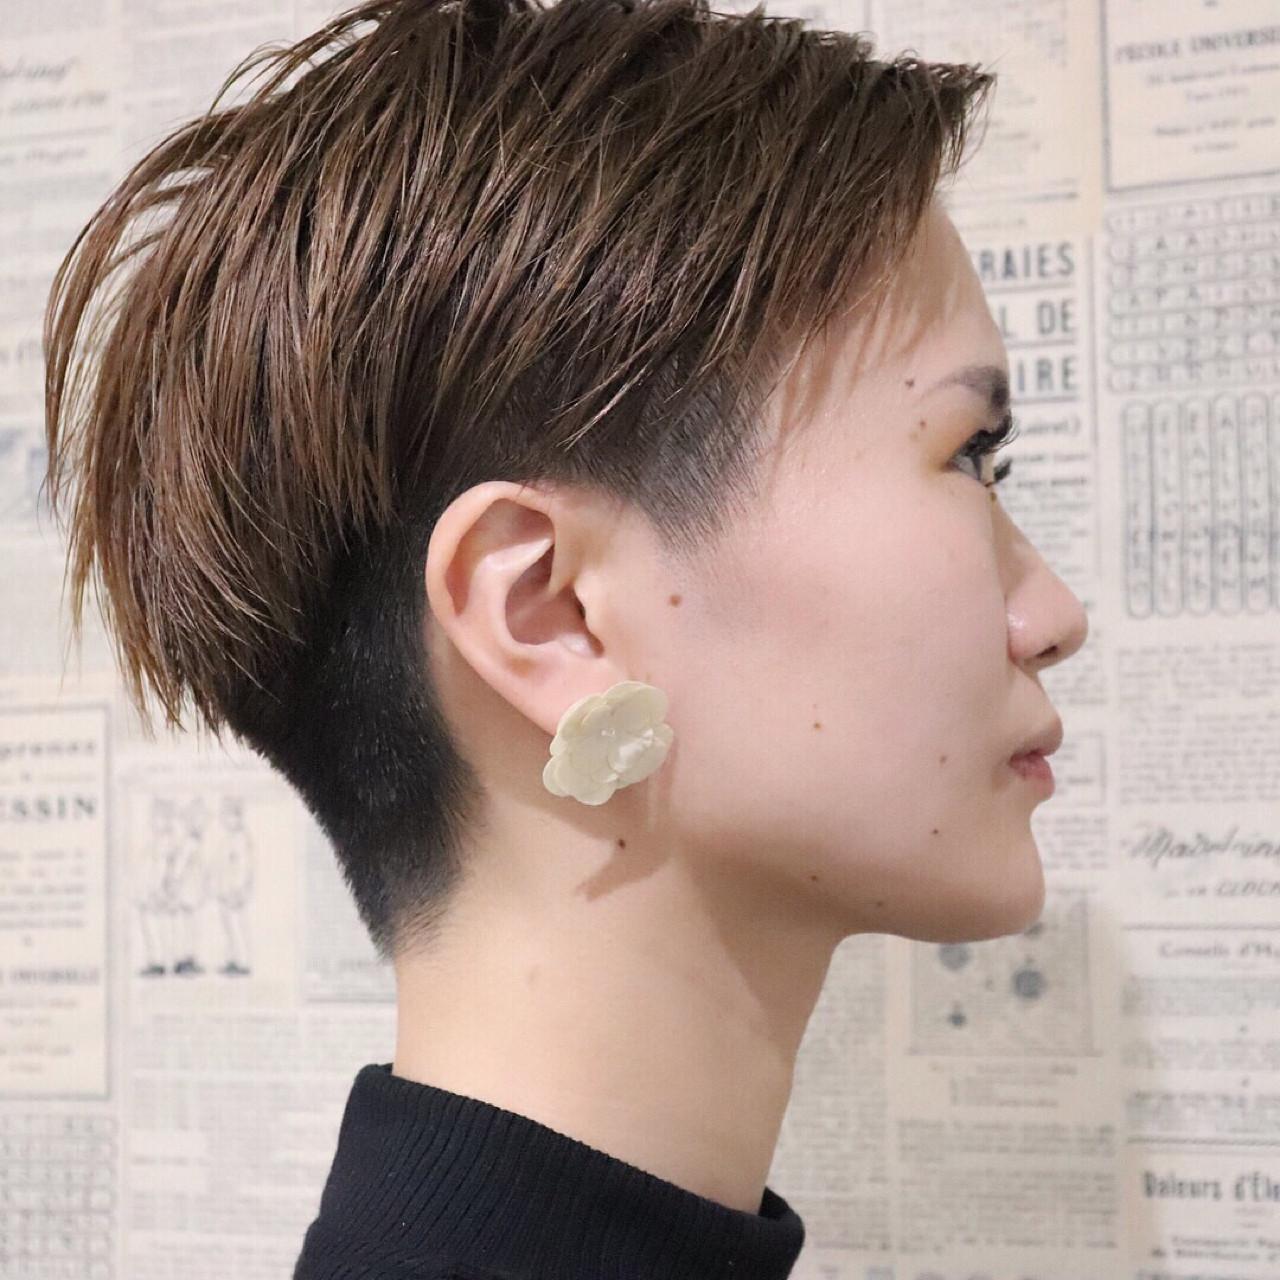 かっこよさを生かすなら刈り上げもおすすめ♡ 吉田 哲也 | Hair Gallery Chainon